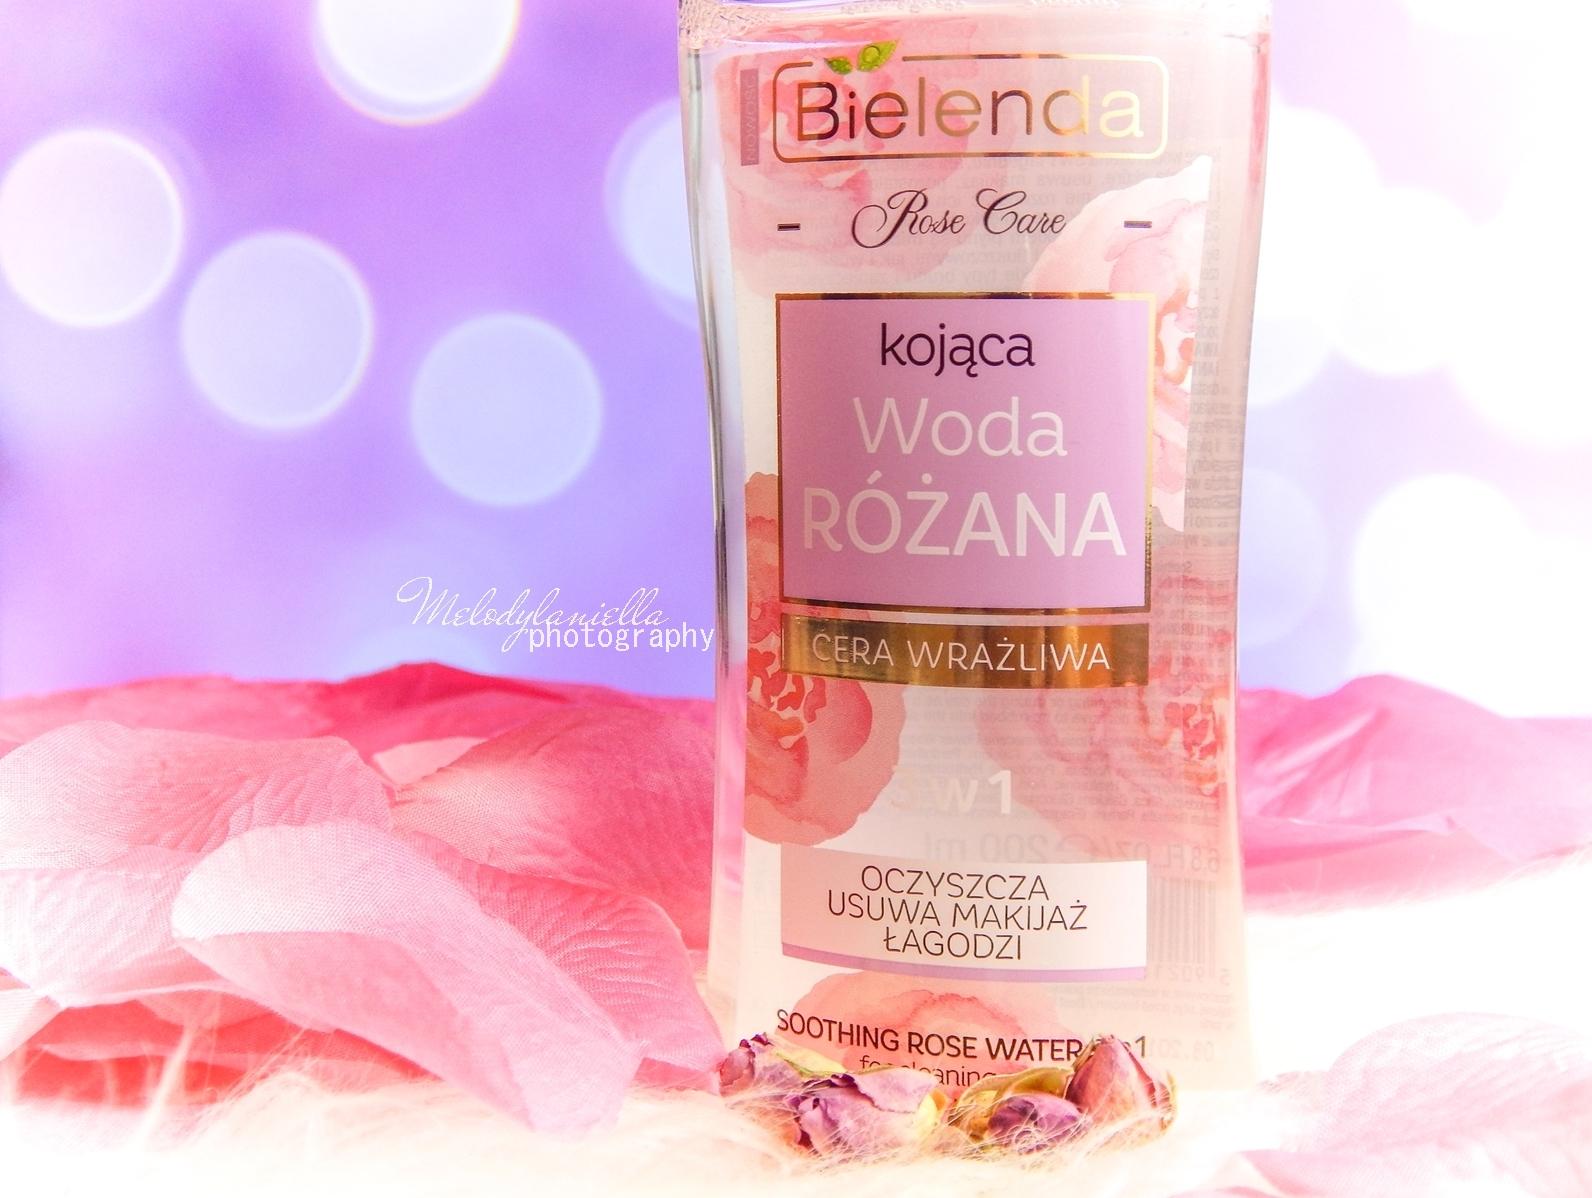 12 Bielenda rose care różany krem do twarzy recenzja kojąca woda różana 3w1 olejek różany do mycia twarzy produkty bielenda seria różana melodylaniella test produktów kosmetycznych ciekawe blogi lifestyle